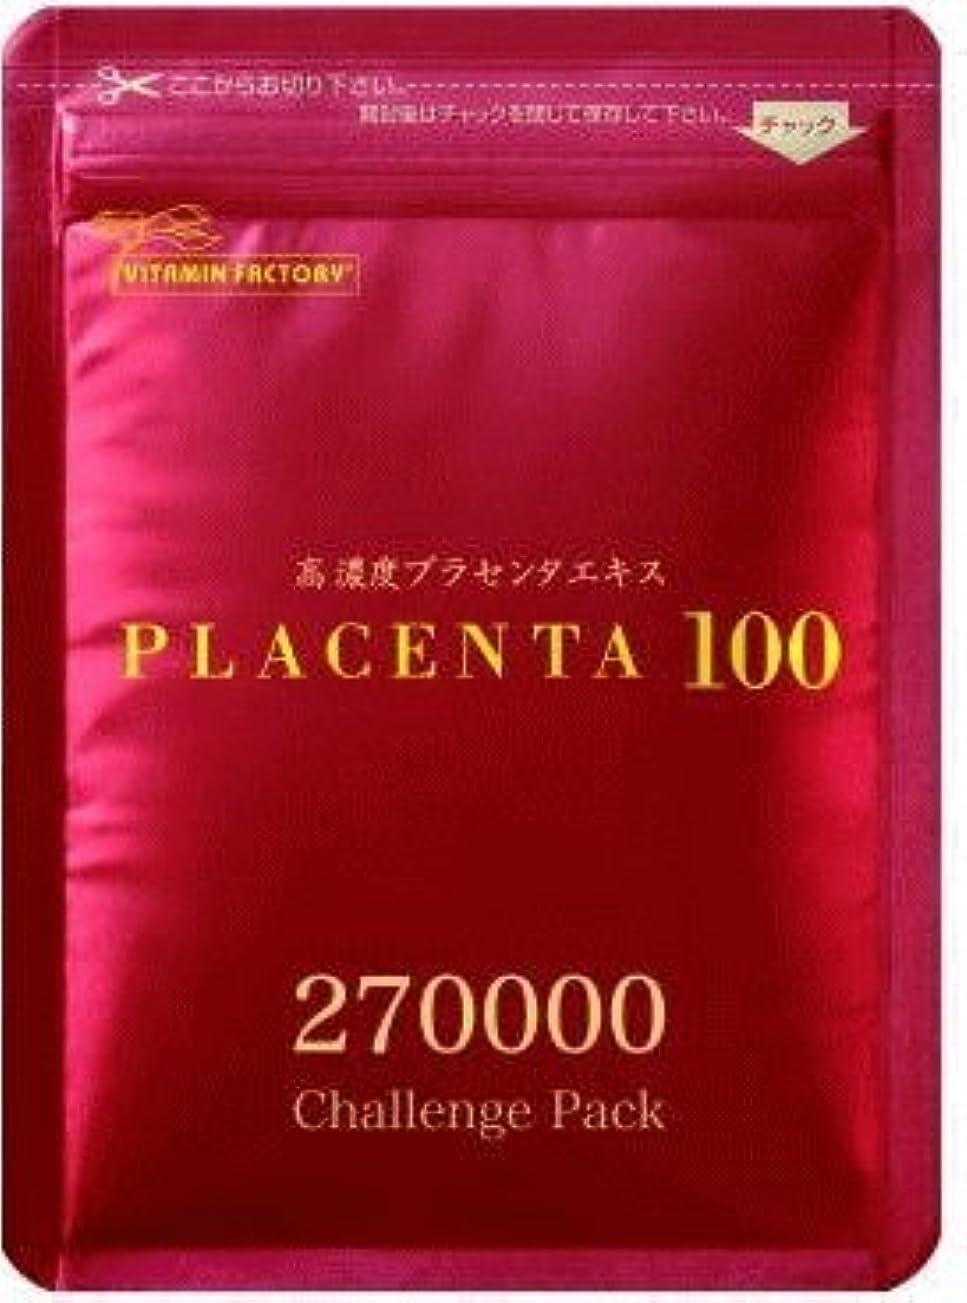 野な褐色地下室プラセンタ100 30粒 R&Y  270000チャレンジパック